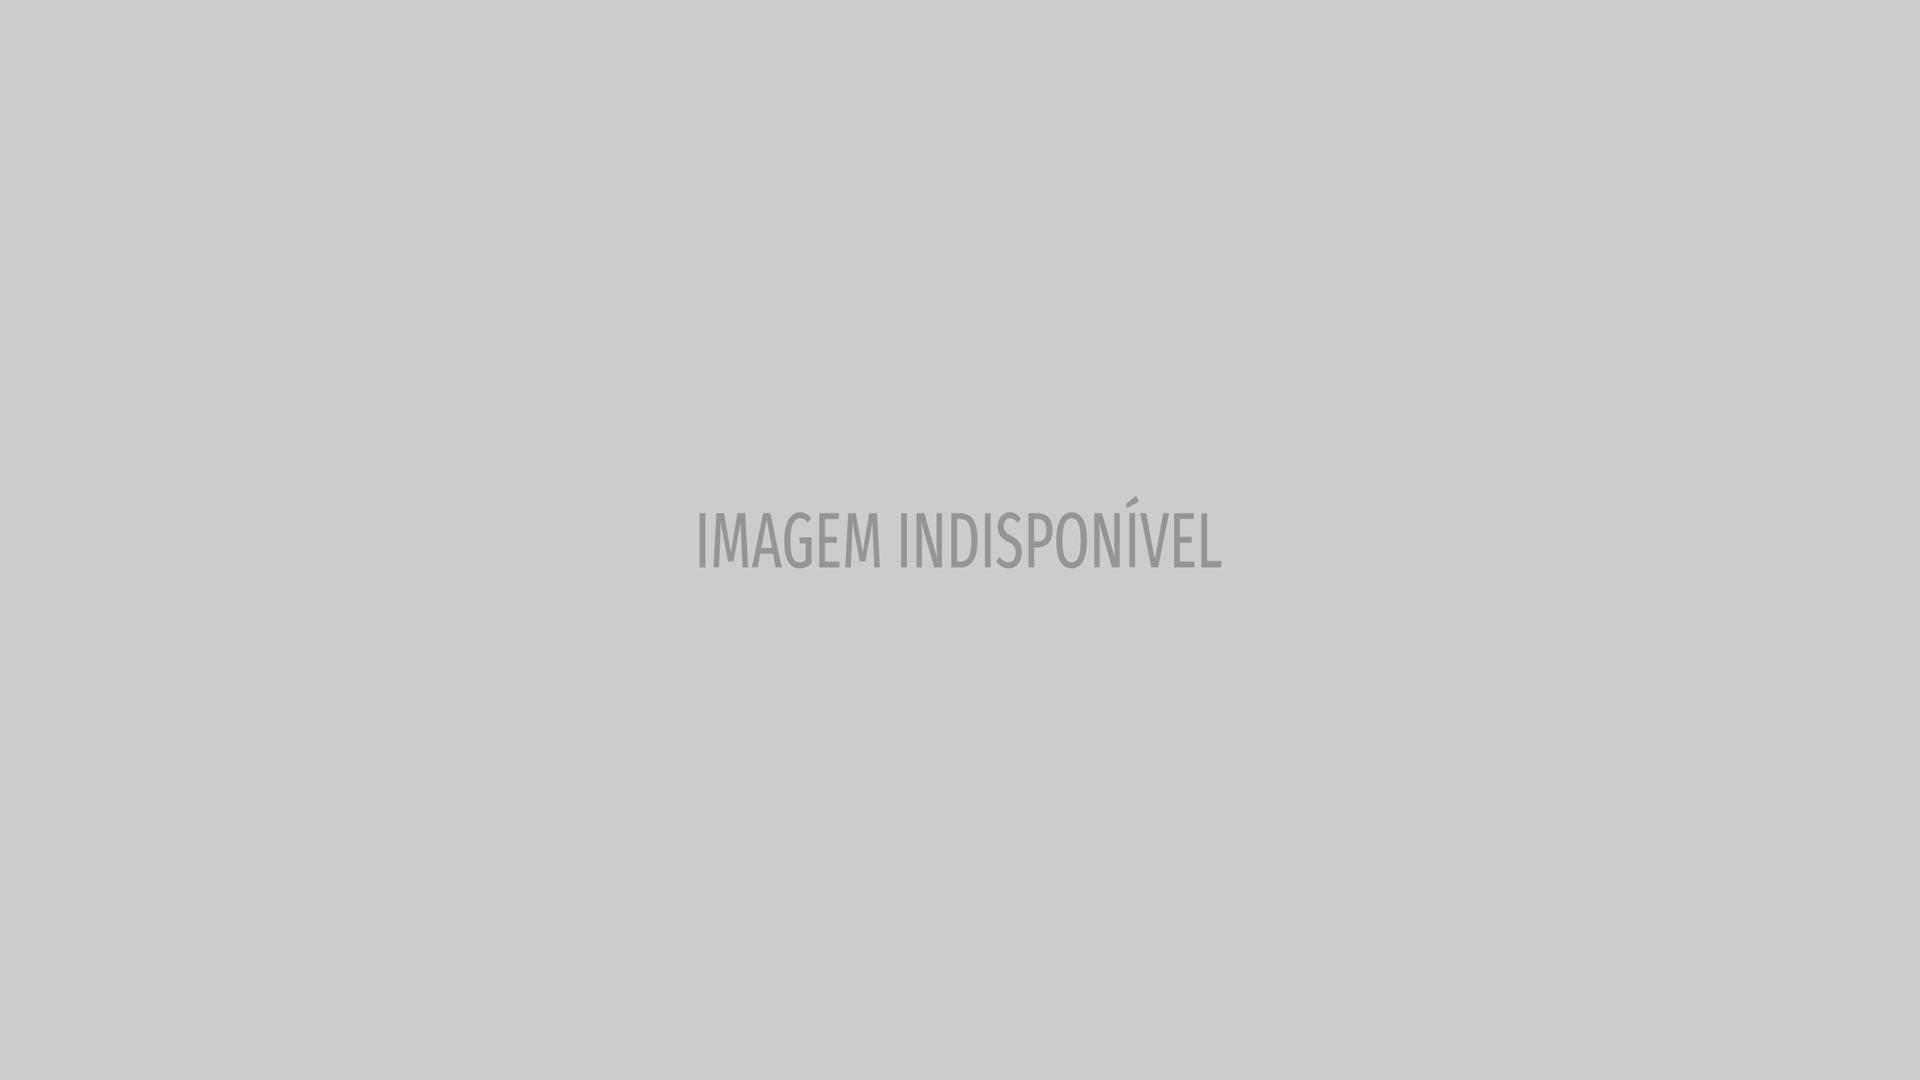 Casada e mãe, Stefhany Absoluta se dedica à carreira gospel